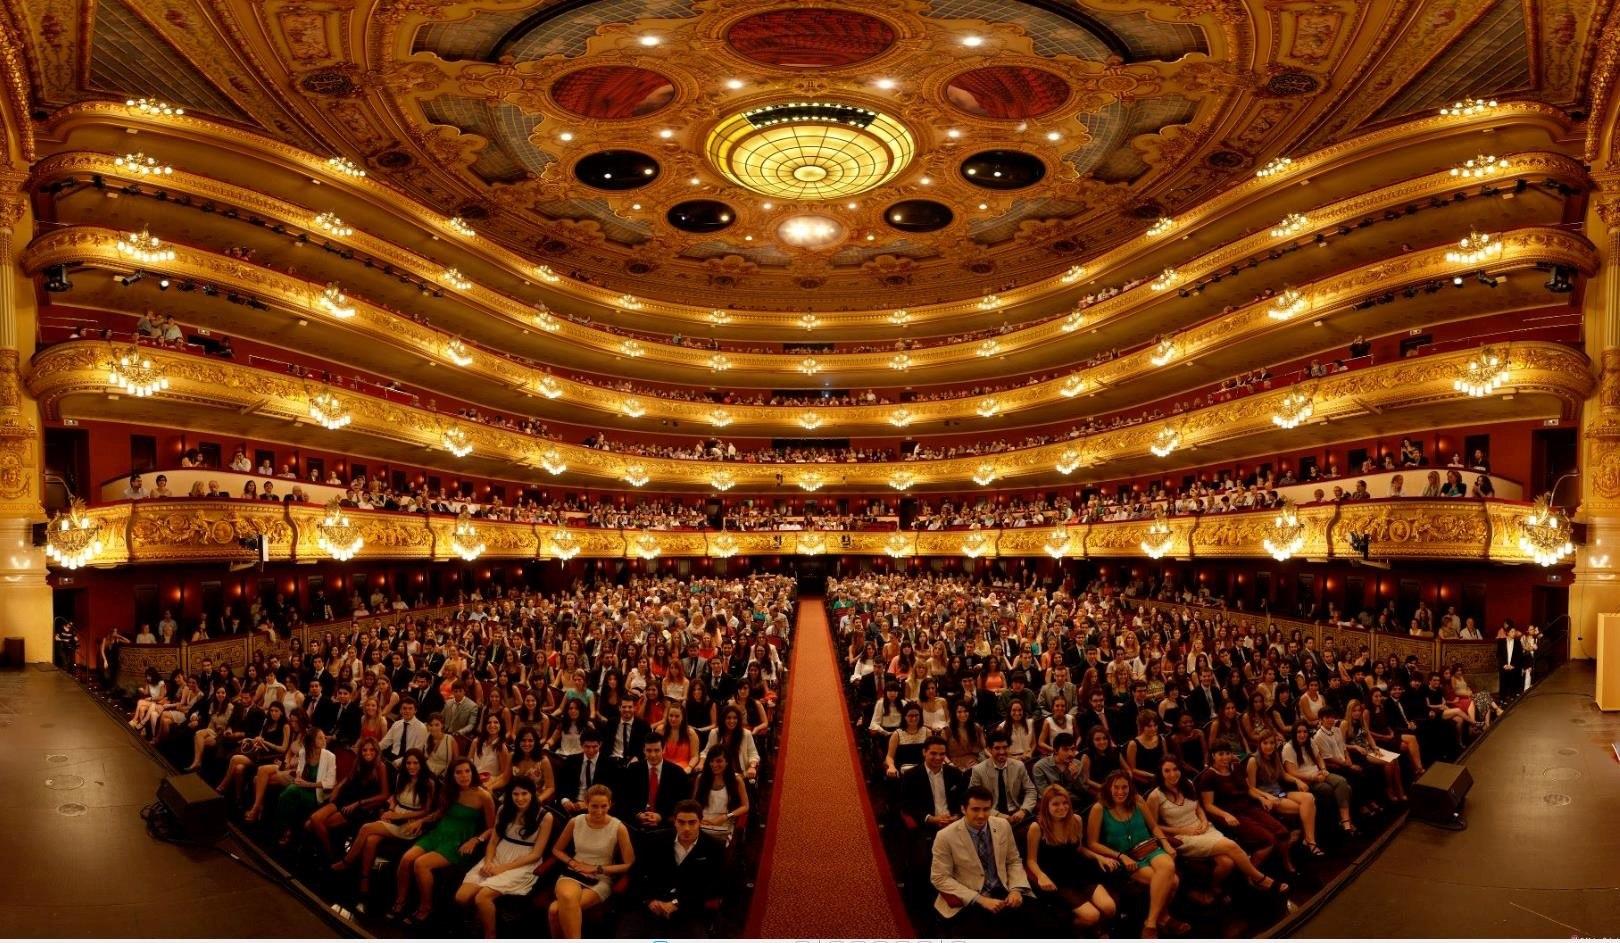 Barcelona Music Hall Tours